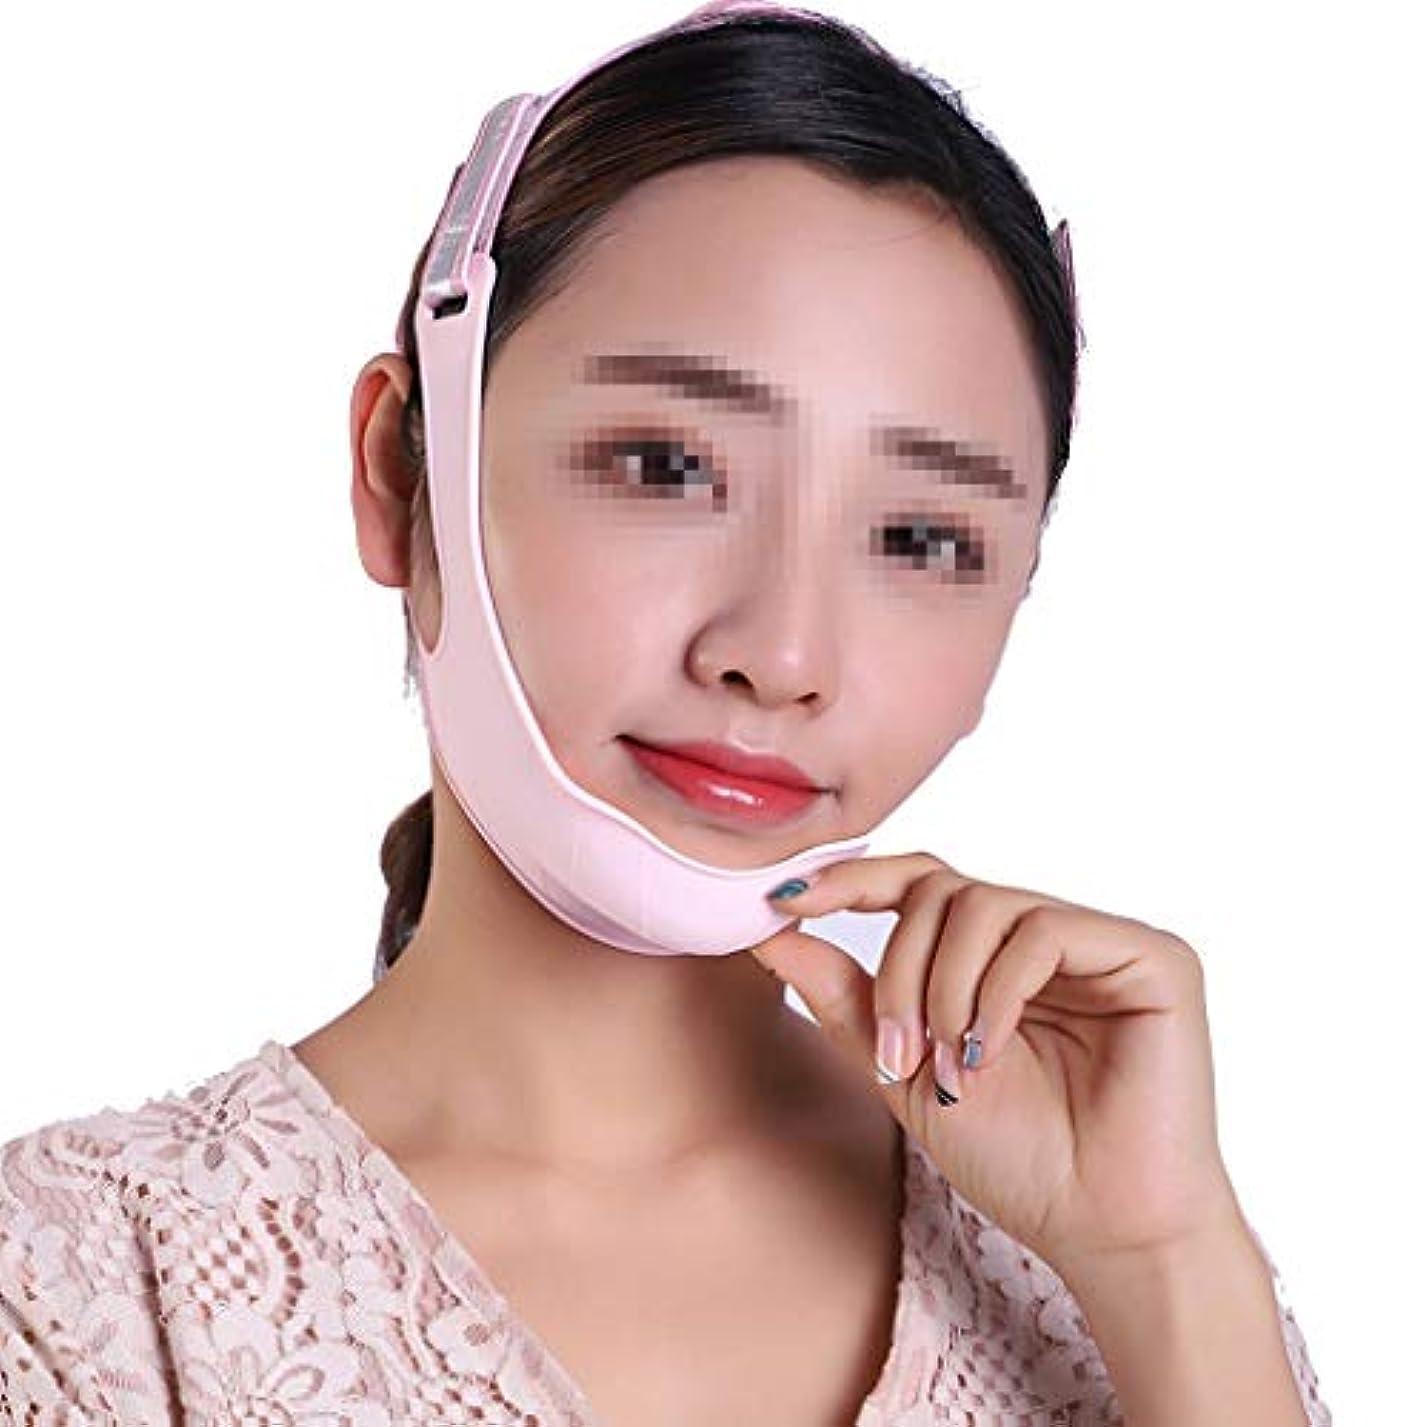 ウミウシ起点花束シリコーンフェイスマスク、小さなv顔薄い顔包帯持ち上がる顔引き締めアーティファクトマッサージ師スキニーフェイス美容バー